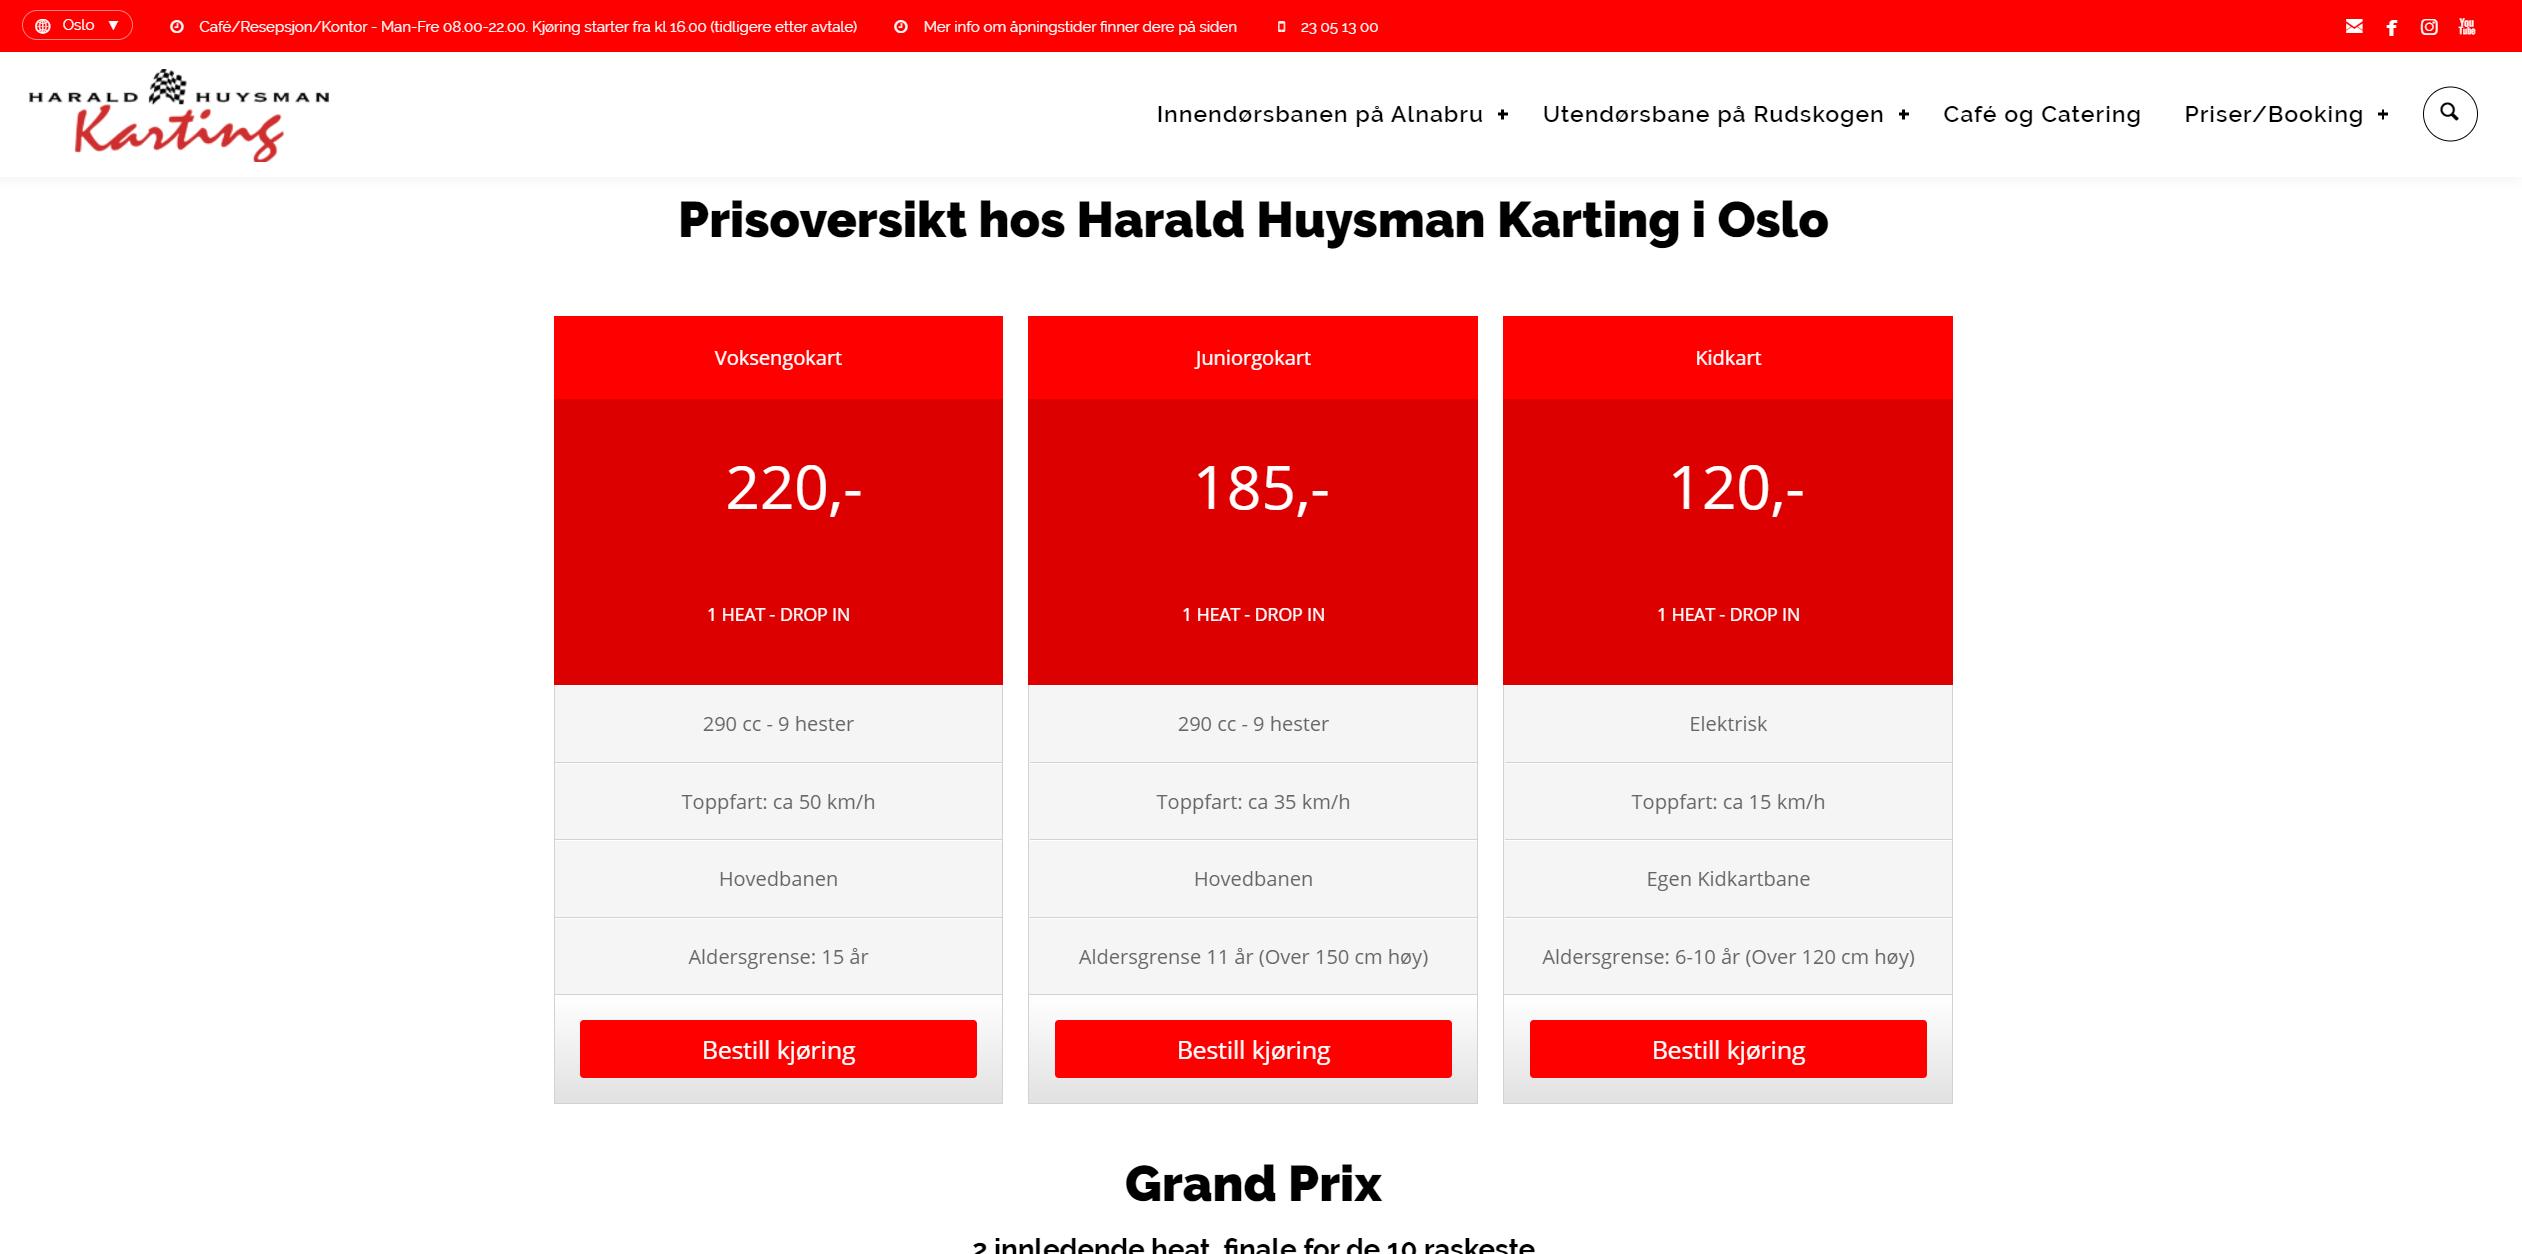 Priser-harald-huysman-karting